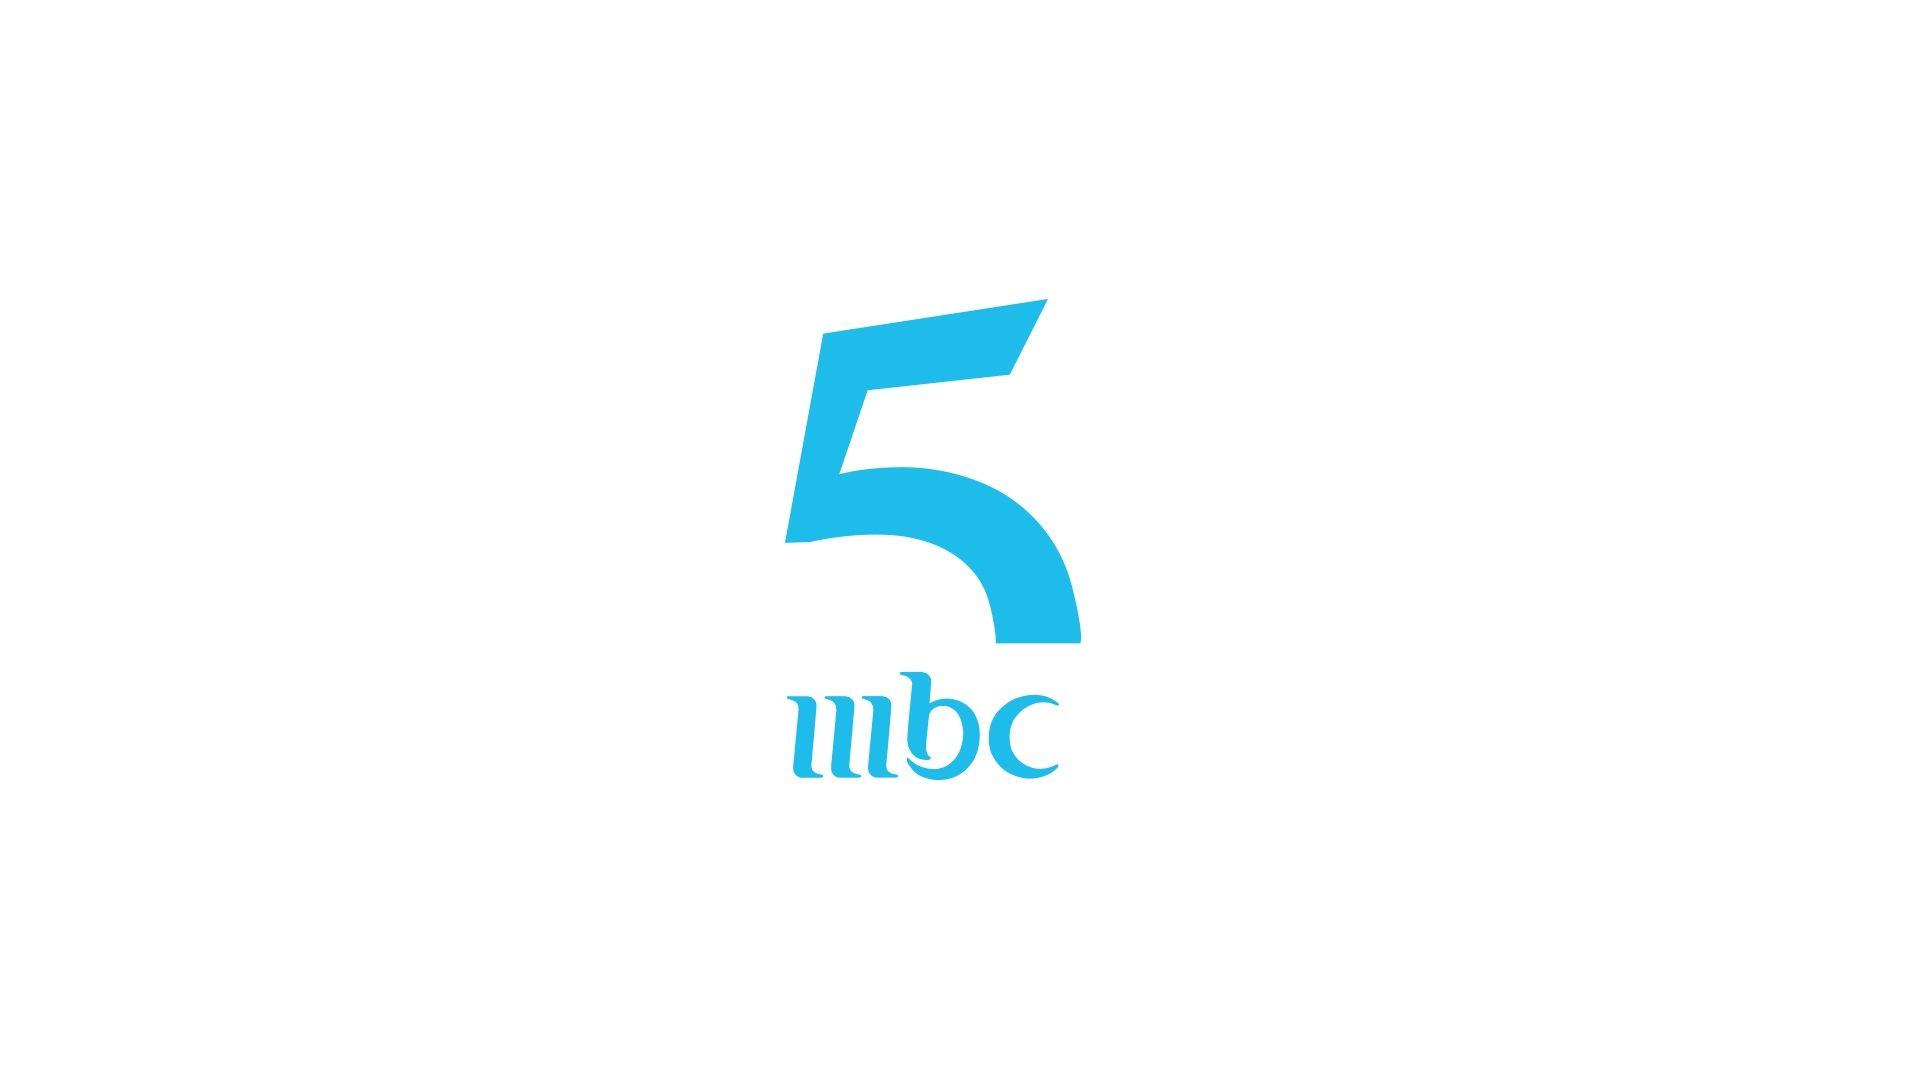 تردد قناة Mbc 5 2020 قناة ام بي سي 5 الجديد على نايل سات Company Logo Vimeo Logo Tech Company Logos